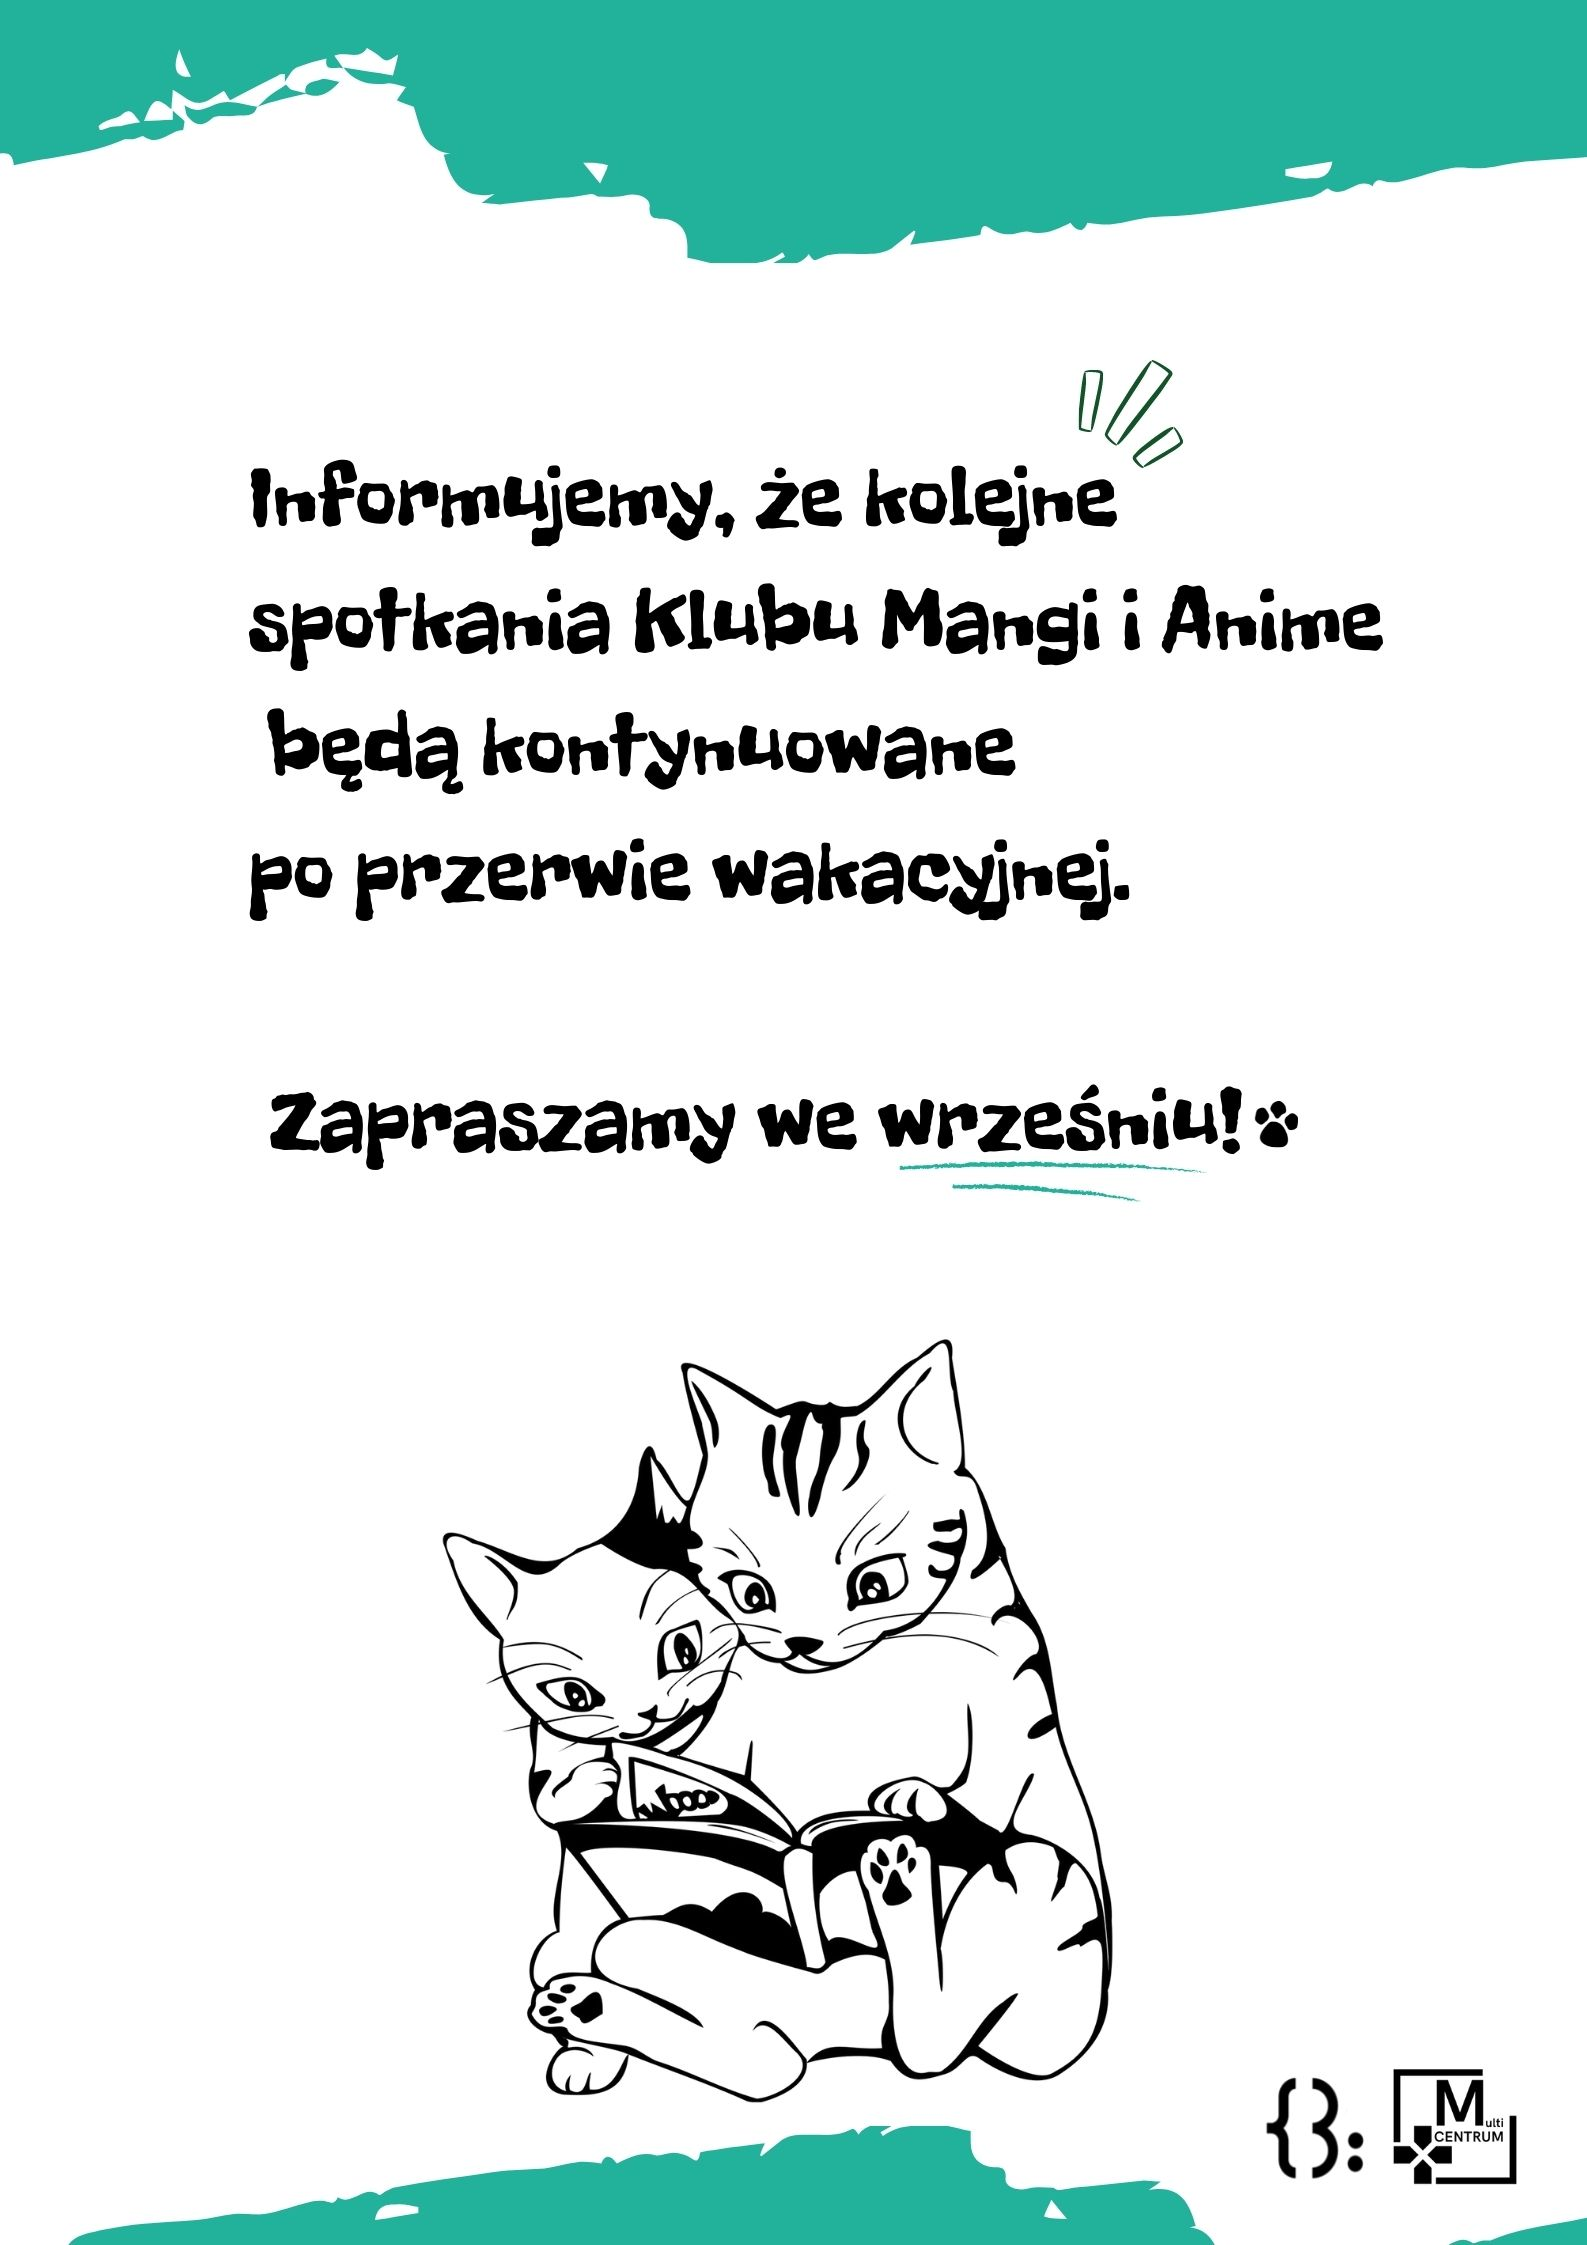 spotkania-klubu-mangi-i-anime